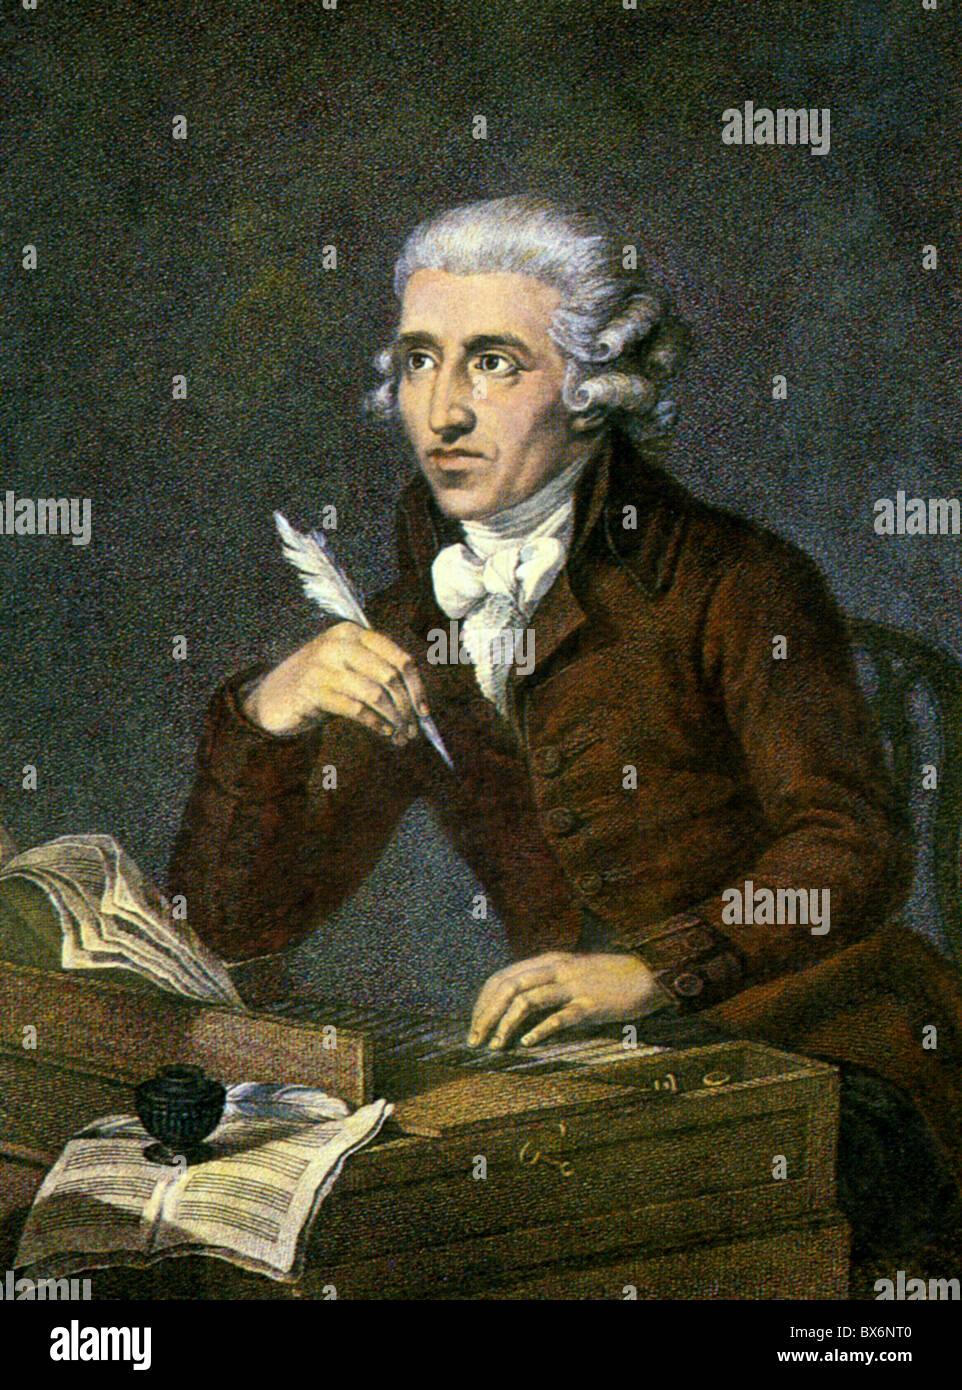 Haydn, Joseph, 31.3.1732 - 31.5.1809, compositeur autrichien, demi-longueur, après la peinture d'impression Photo Stock